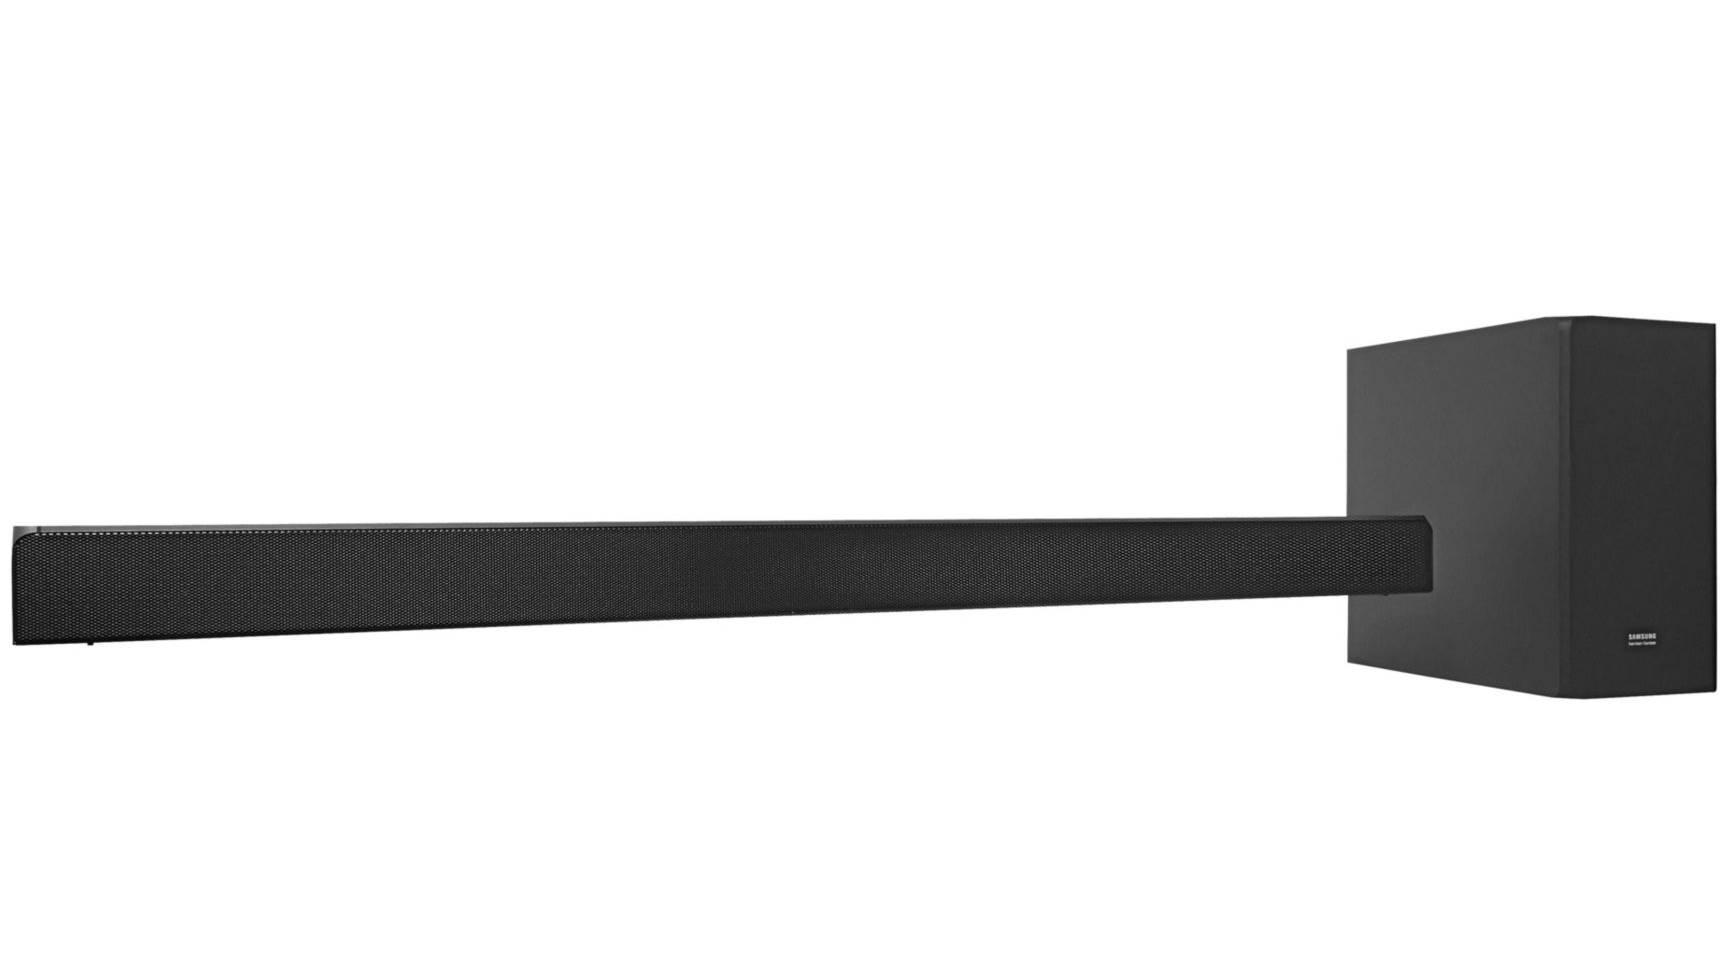 bon plan 300 de r duction sur la barre de son samsung hw n850. Black Bedroom Furniture Sets. Home Design Ideas